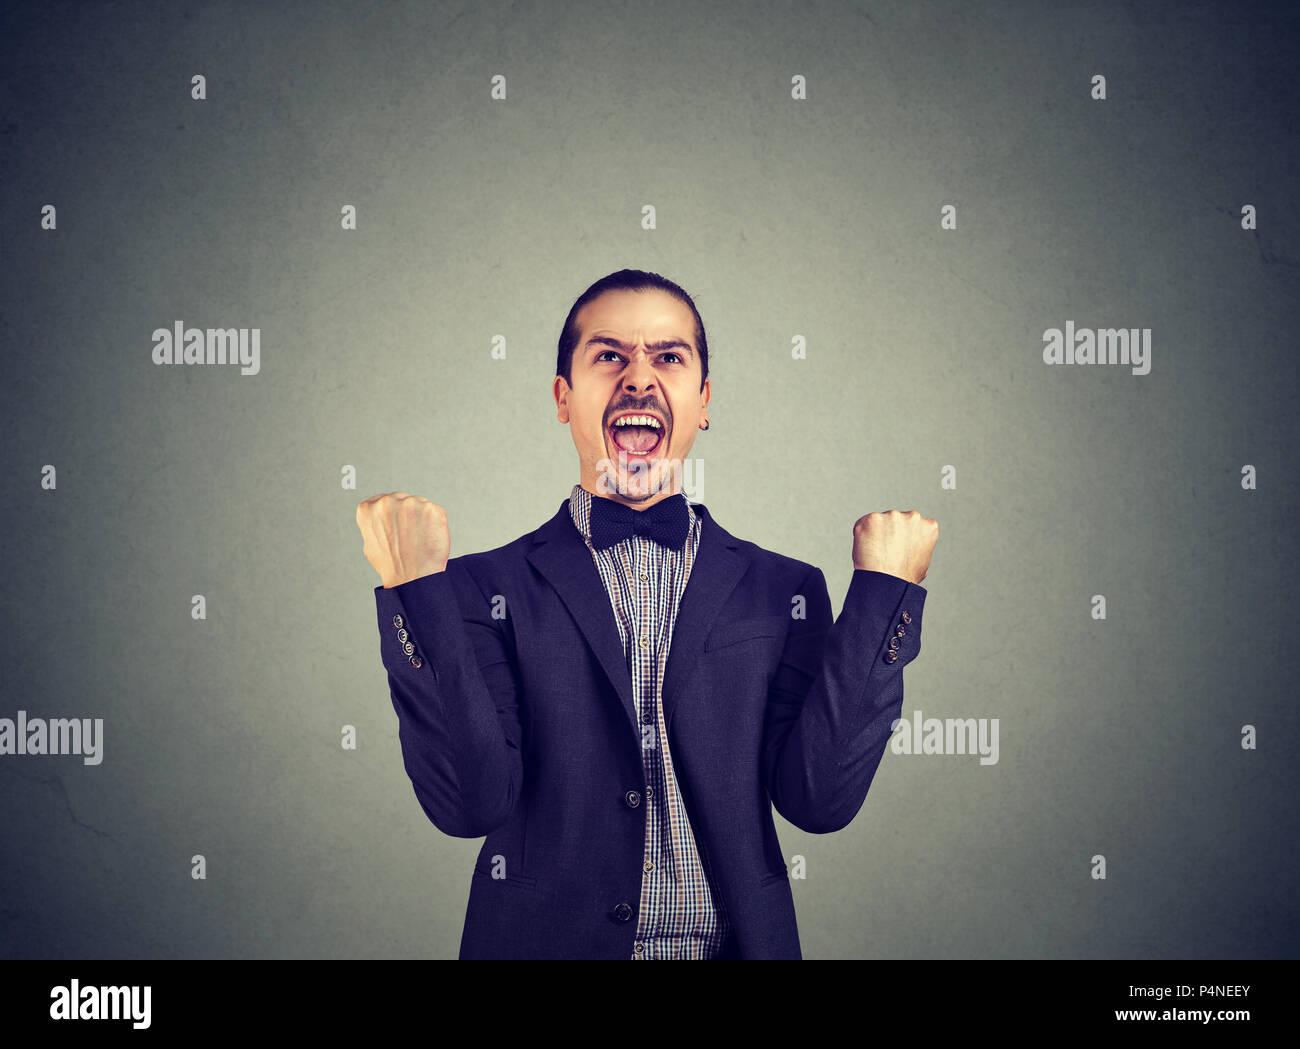 Emocionado hombre formal en traje sosteniendo los puños y celebrando el éxito y el nuevo logro gritar sobre fondo gris Imagen De Stock